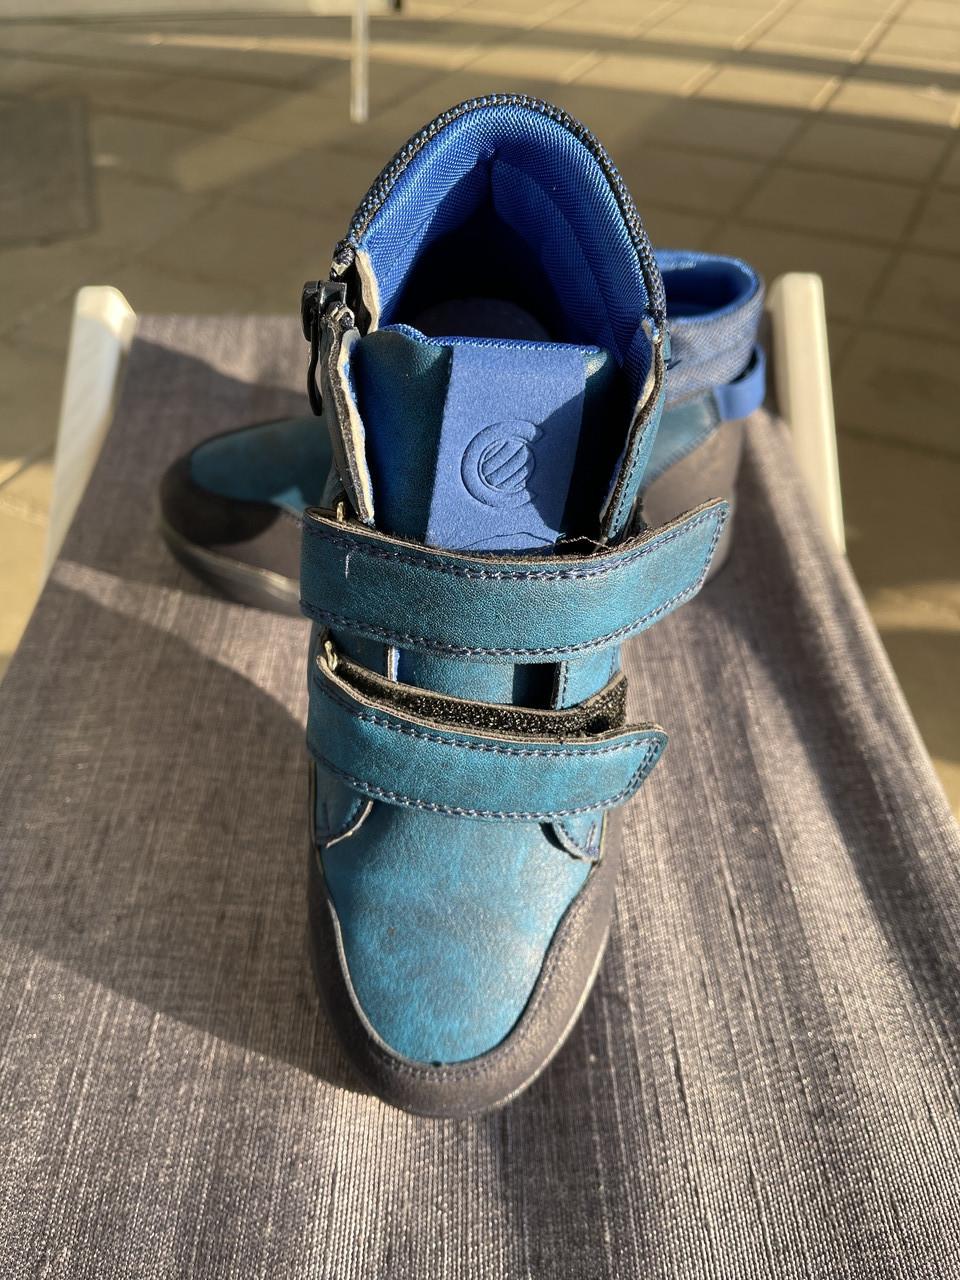 Стильна взуття Clibbe 64467 (31-37 розмір)